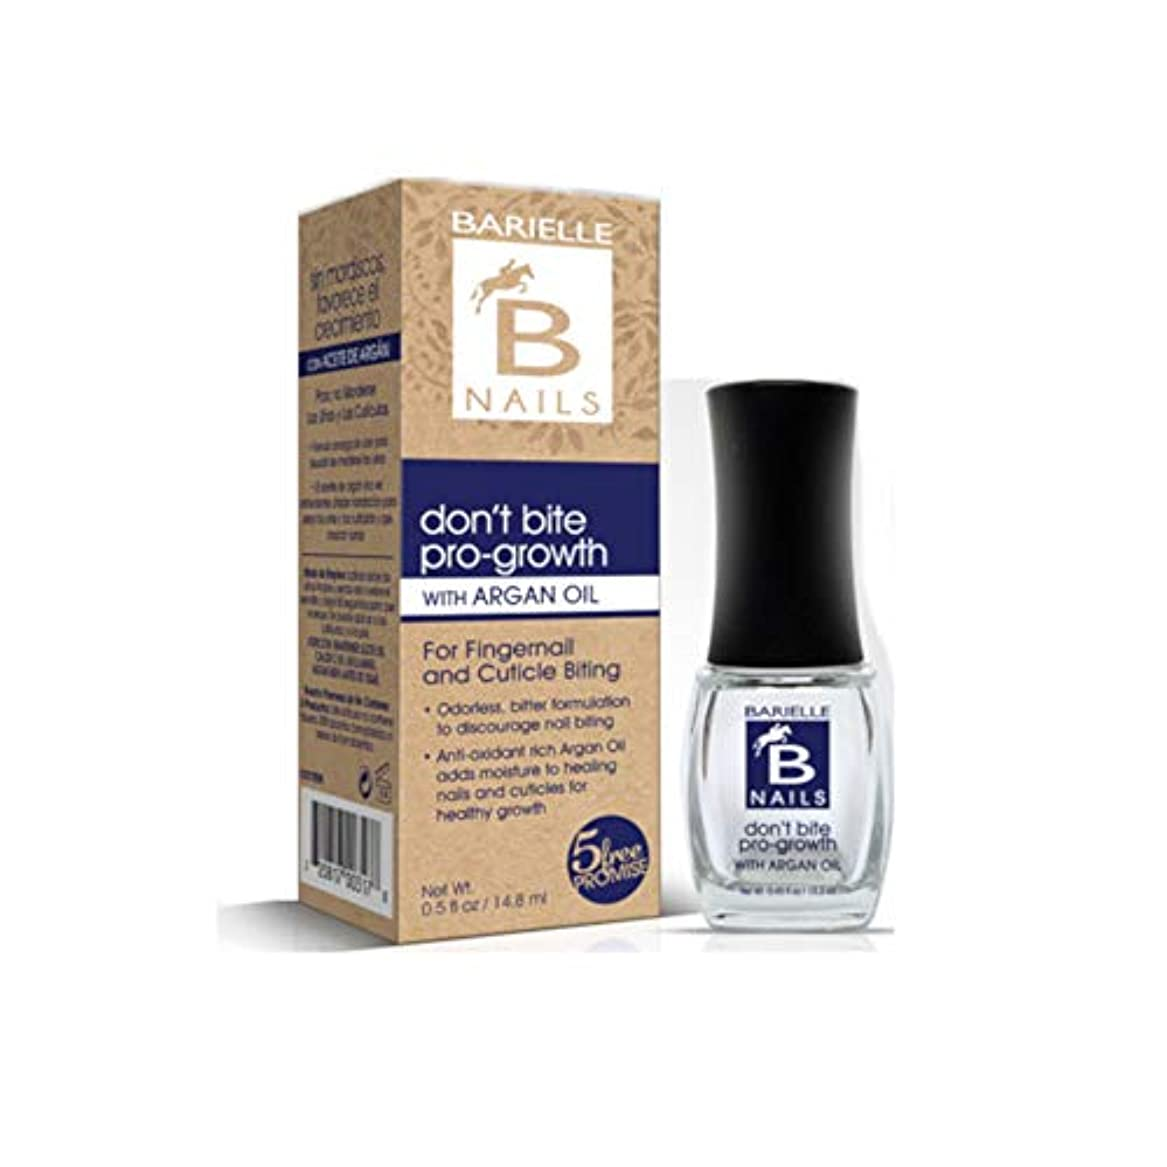 推定不当動揺させるBarielle Nails - Don't Bite Pro-Growth with Argan Oil - 13.3 mL/0.45 oz